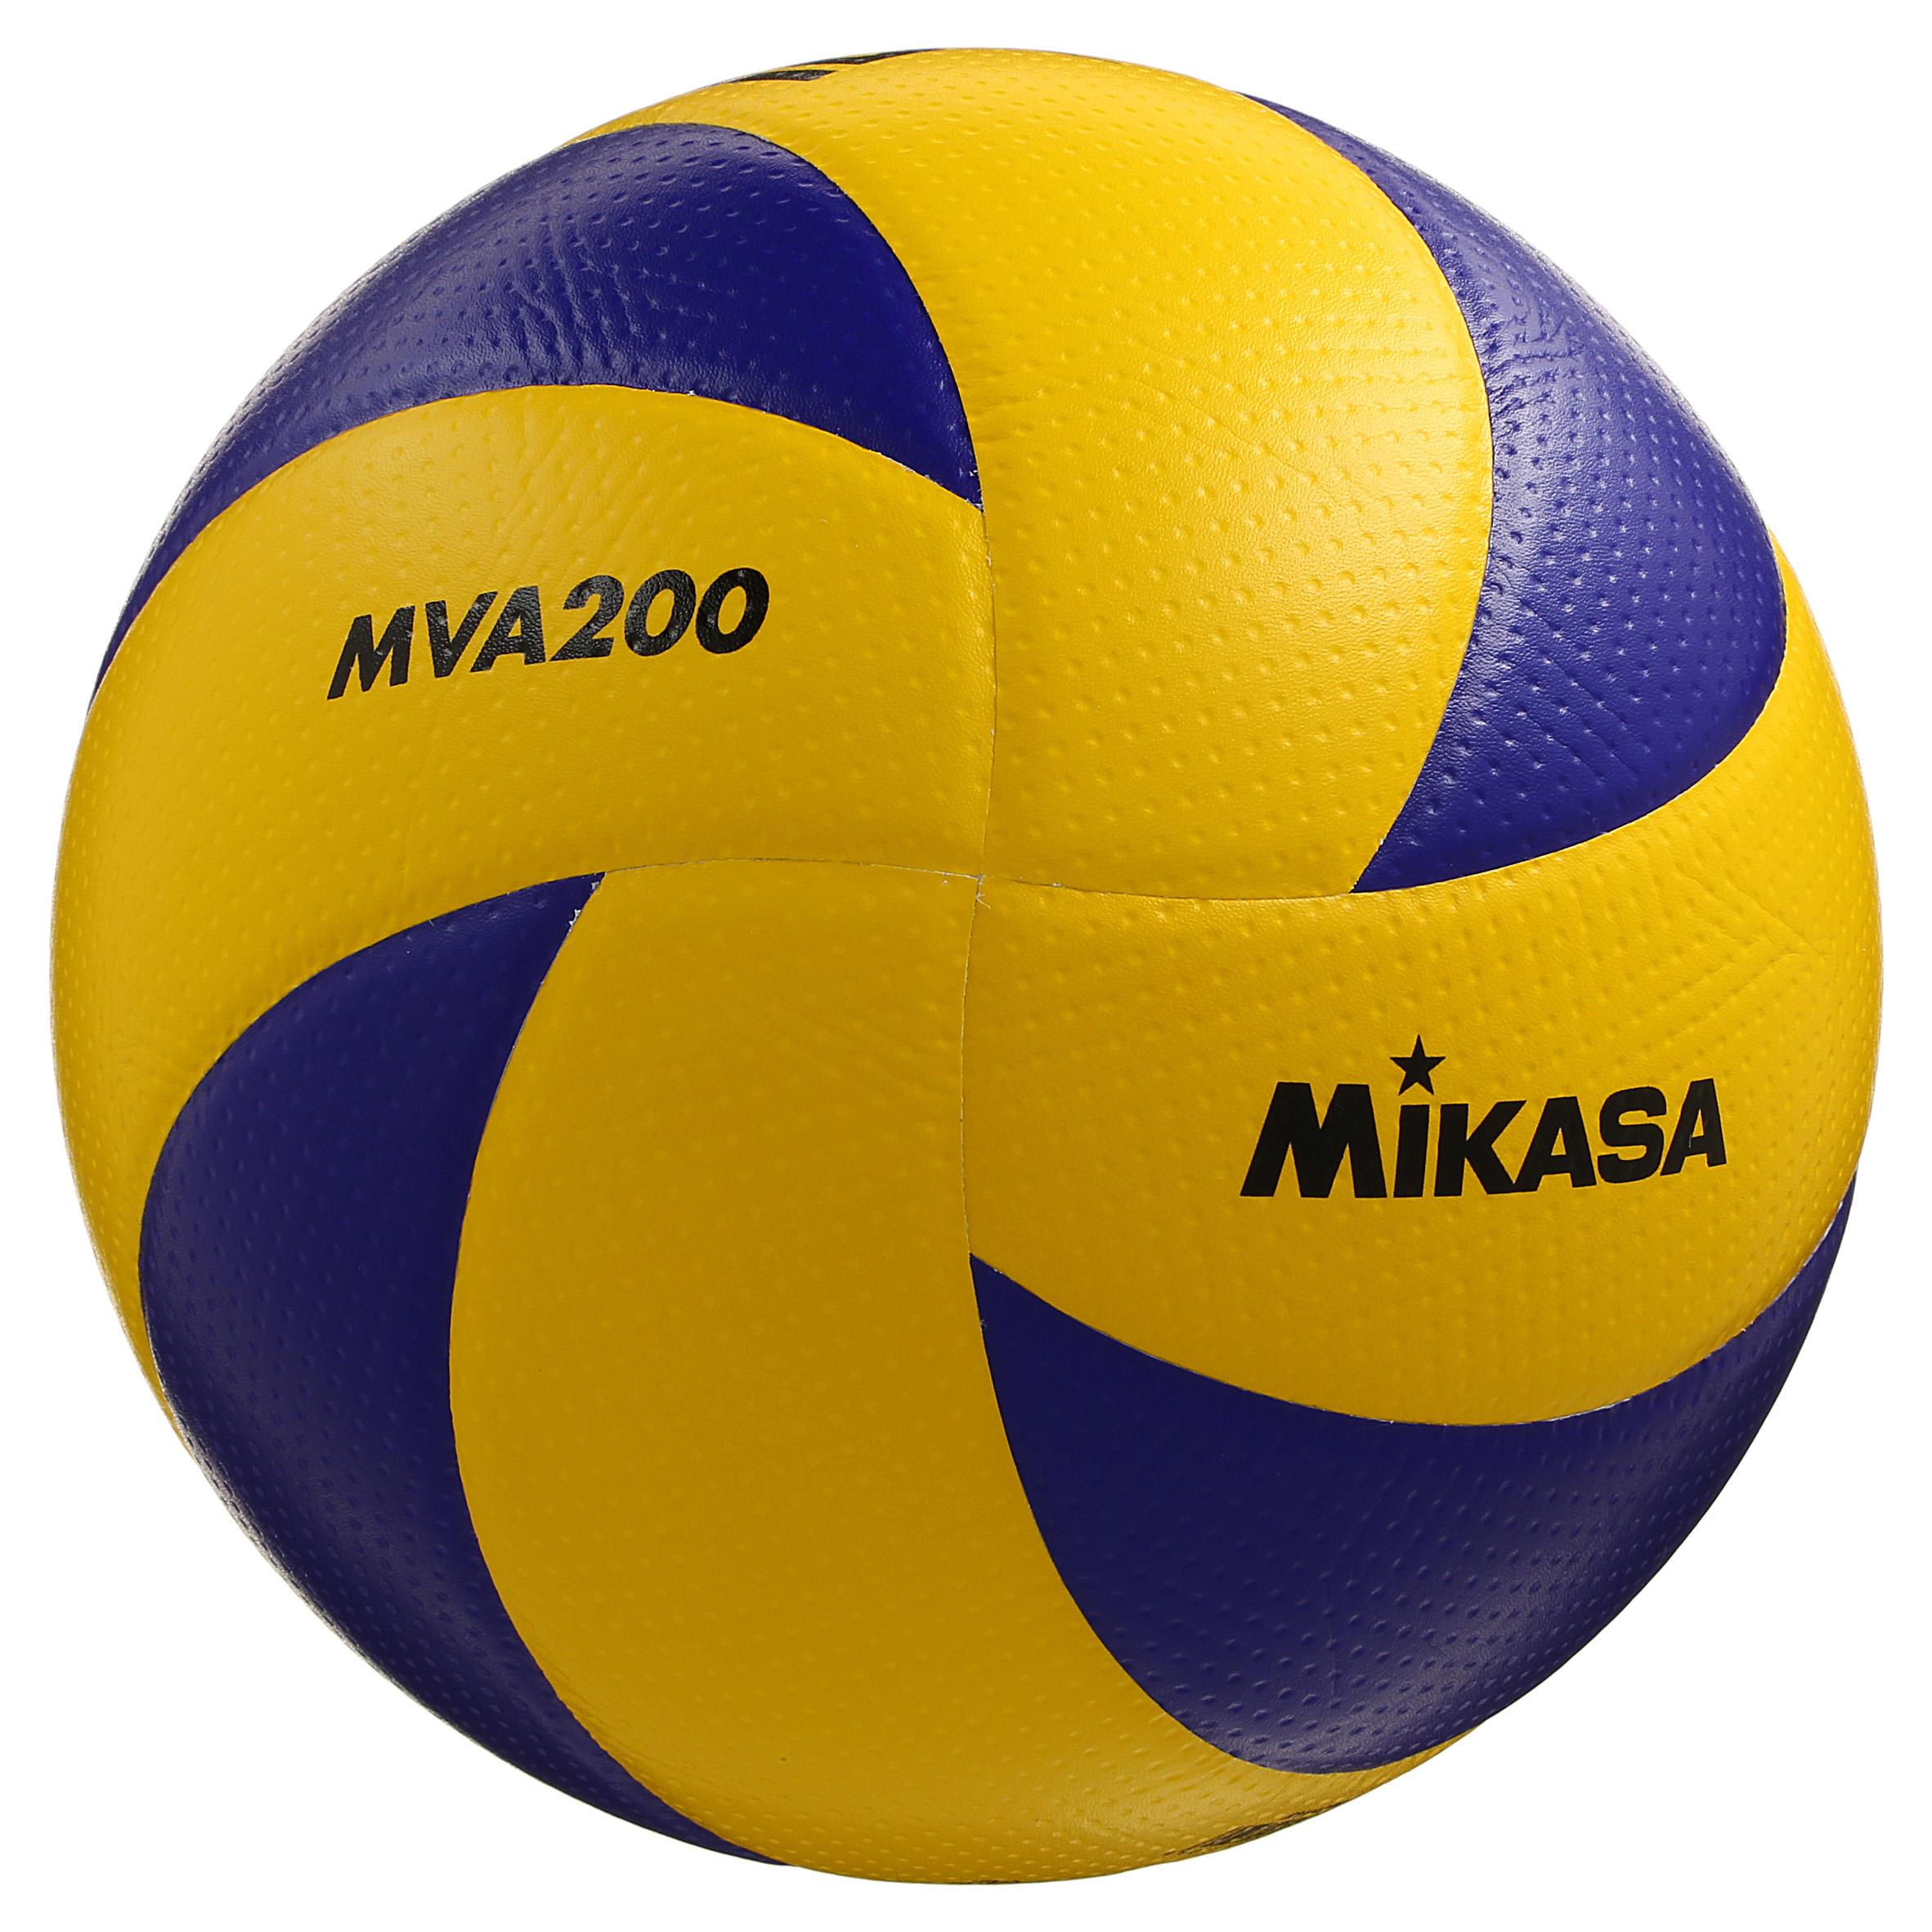 Mikasa Volleybal MVA 200 maat 5 geel/blauw